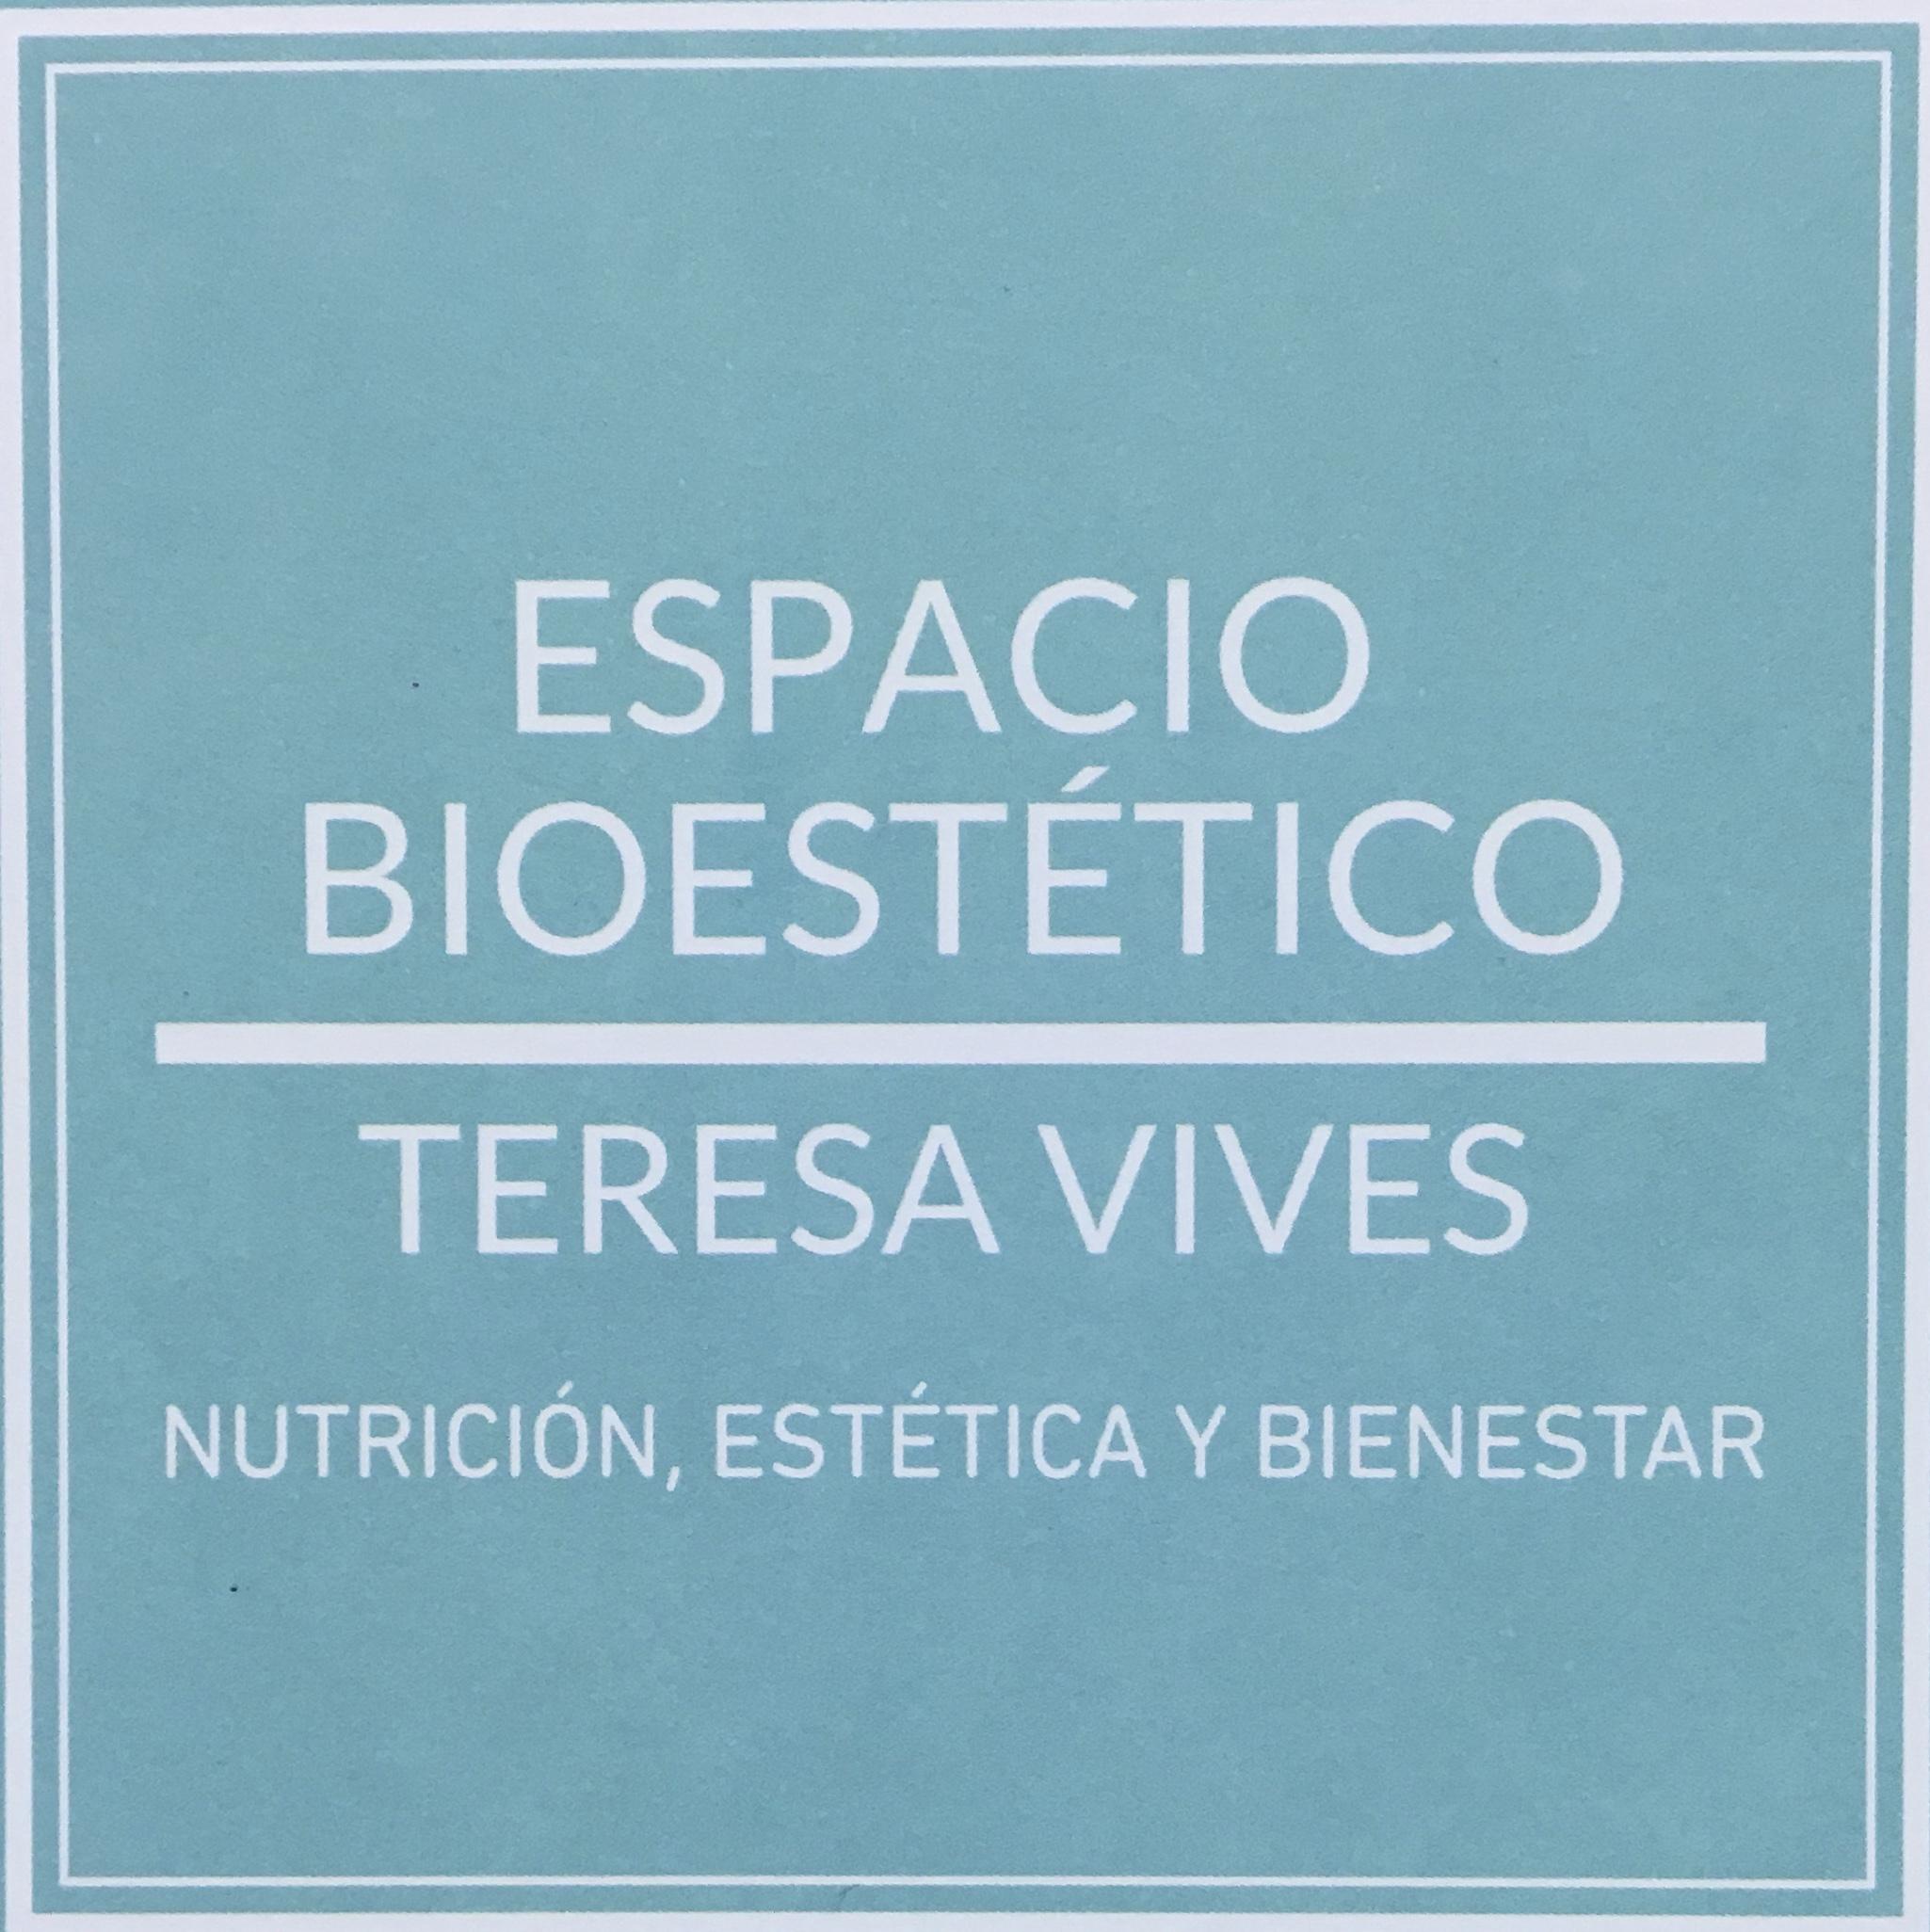 Espacio Bioestético